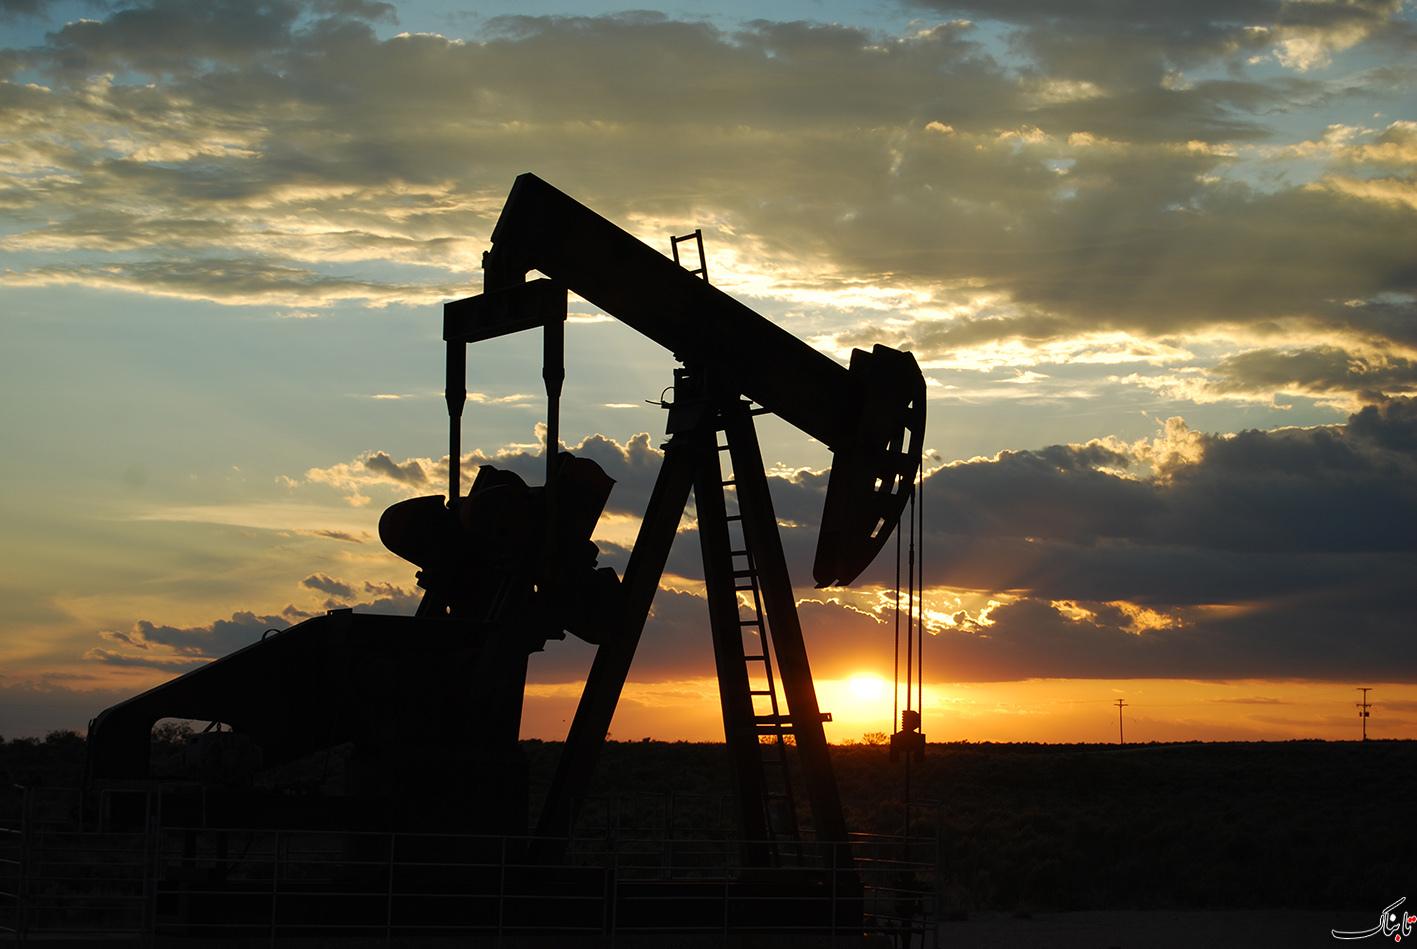 مصر ۱۲ میلیون بشکه نفت از عراق وارد می کند